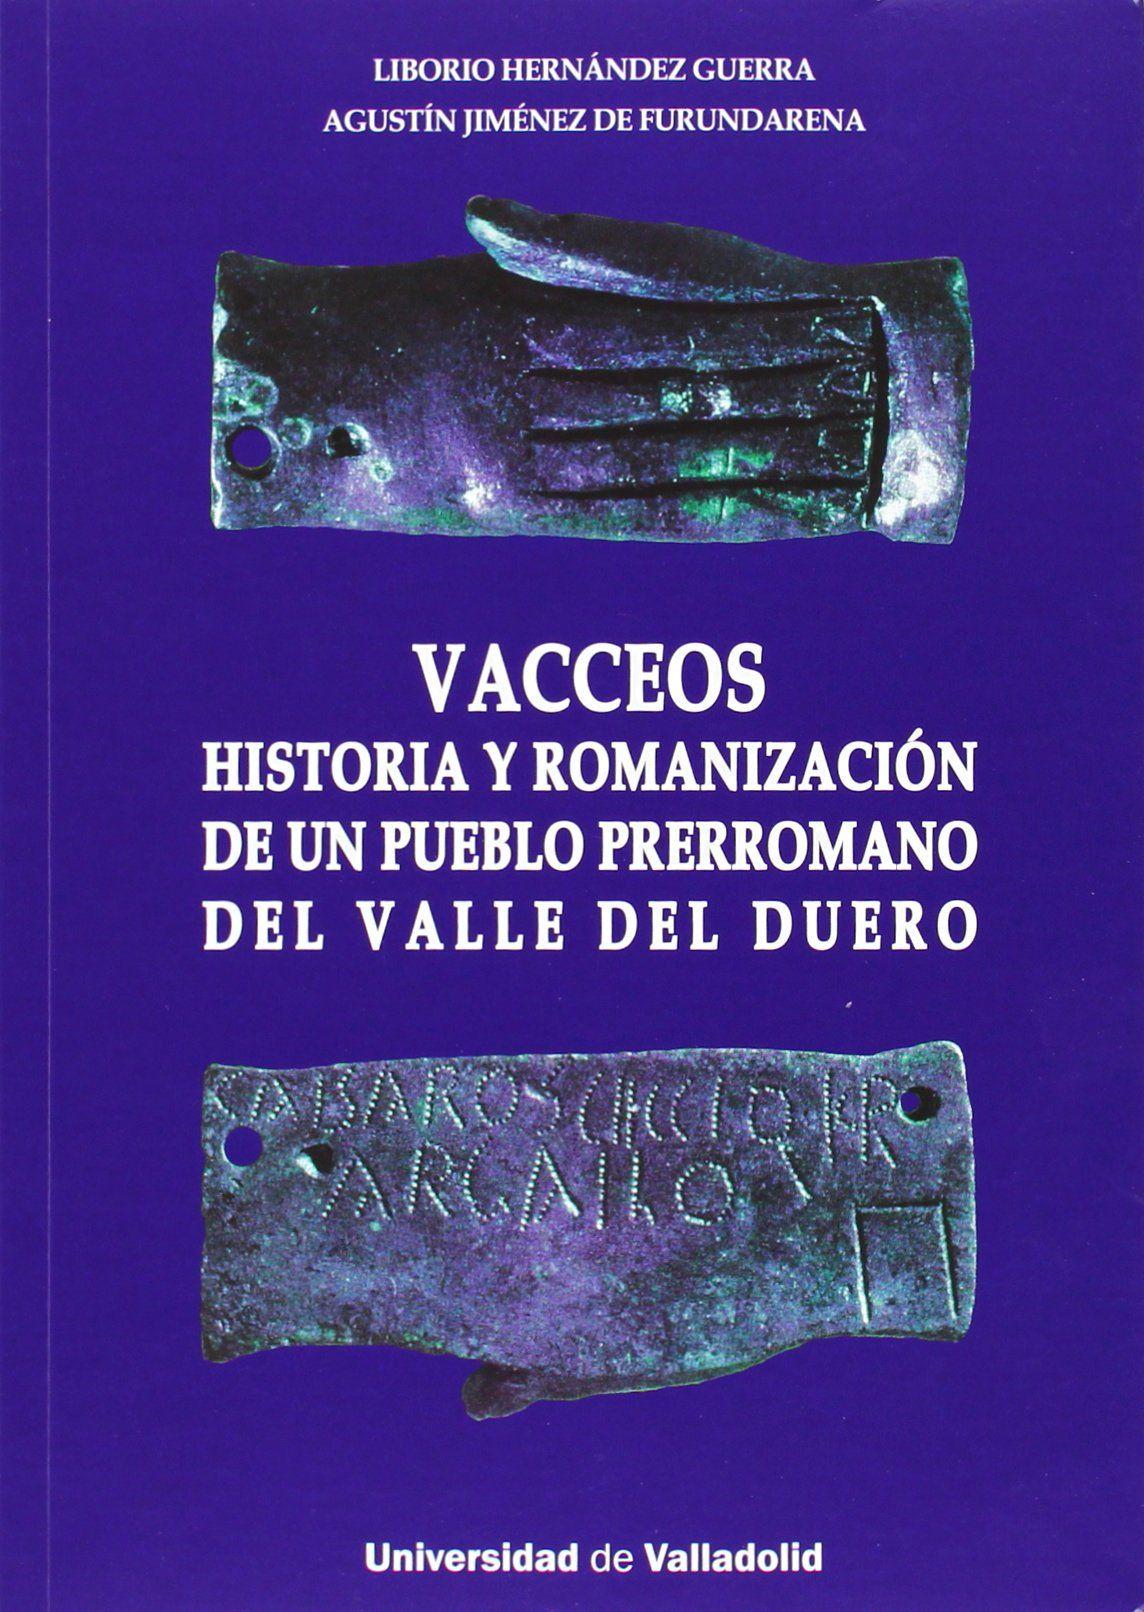 Vacceos : historia y romanización de un pueblo prerromano del valle del Duero, 2013 http://absysnetweb.bbtk.ull.es/cgi-bin/abnetopac01?TITN=520654